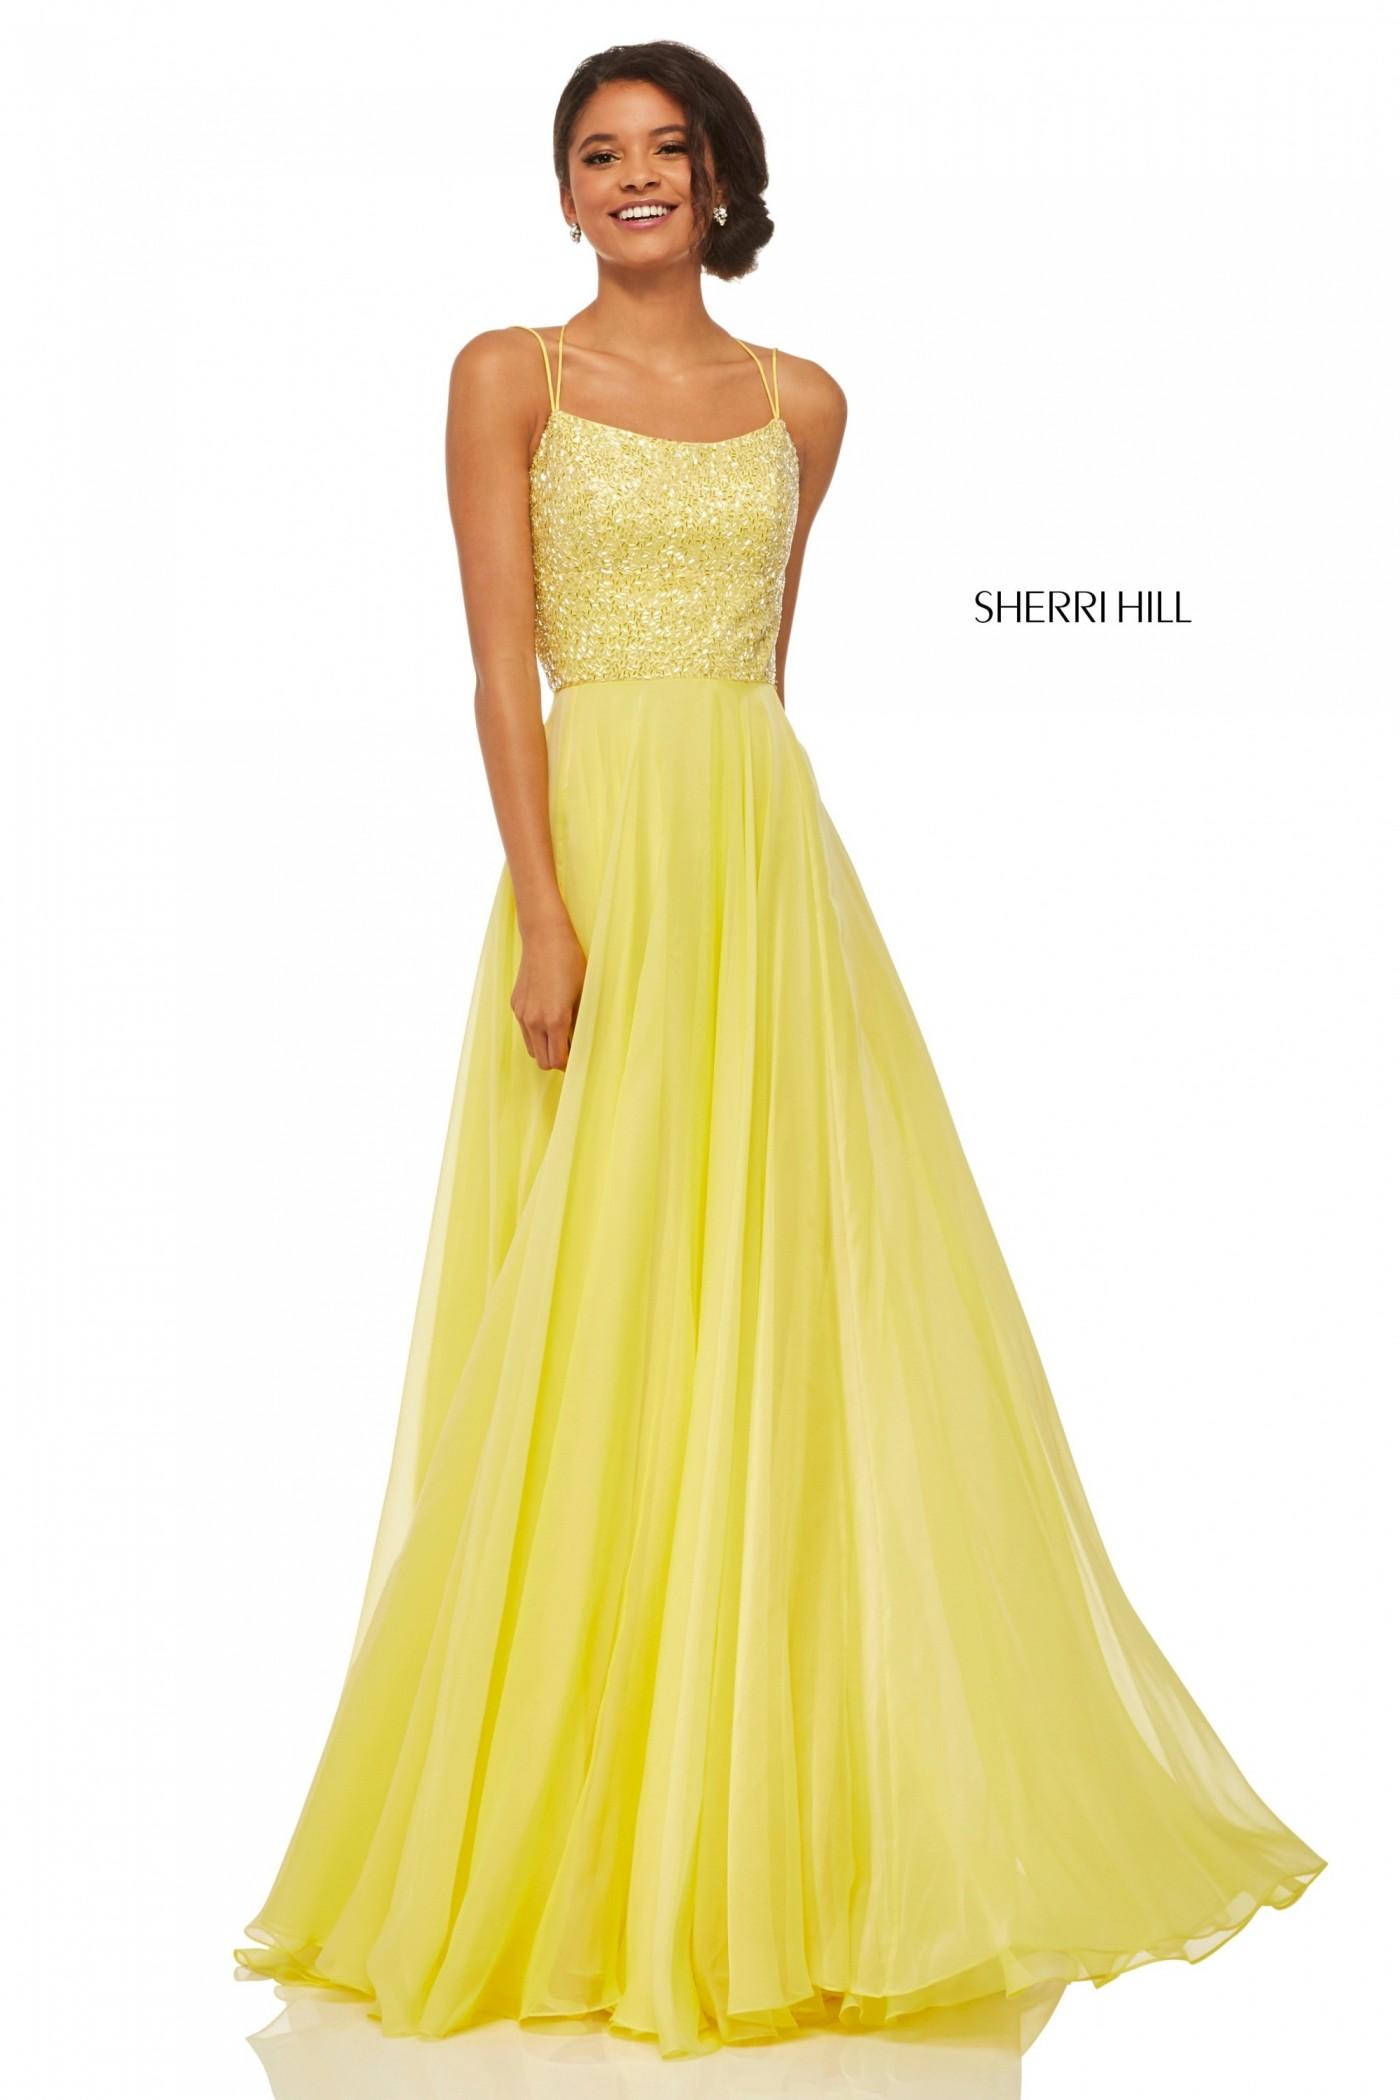 Sherri Hill 52591 Yellow Beaded Lace Up Back Chiffon Gown